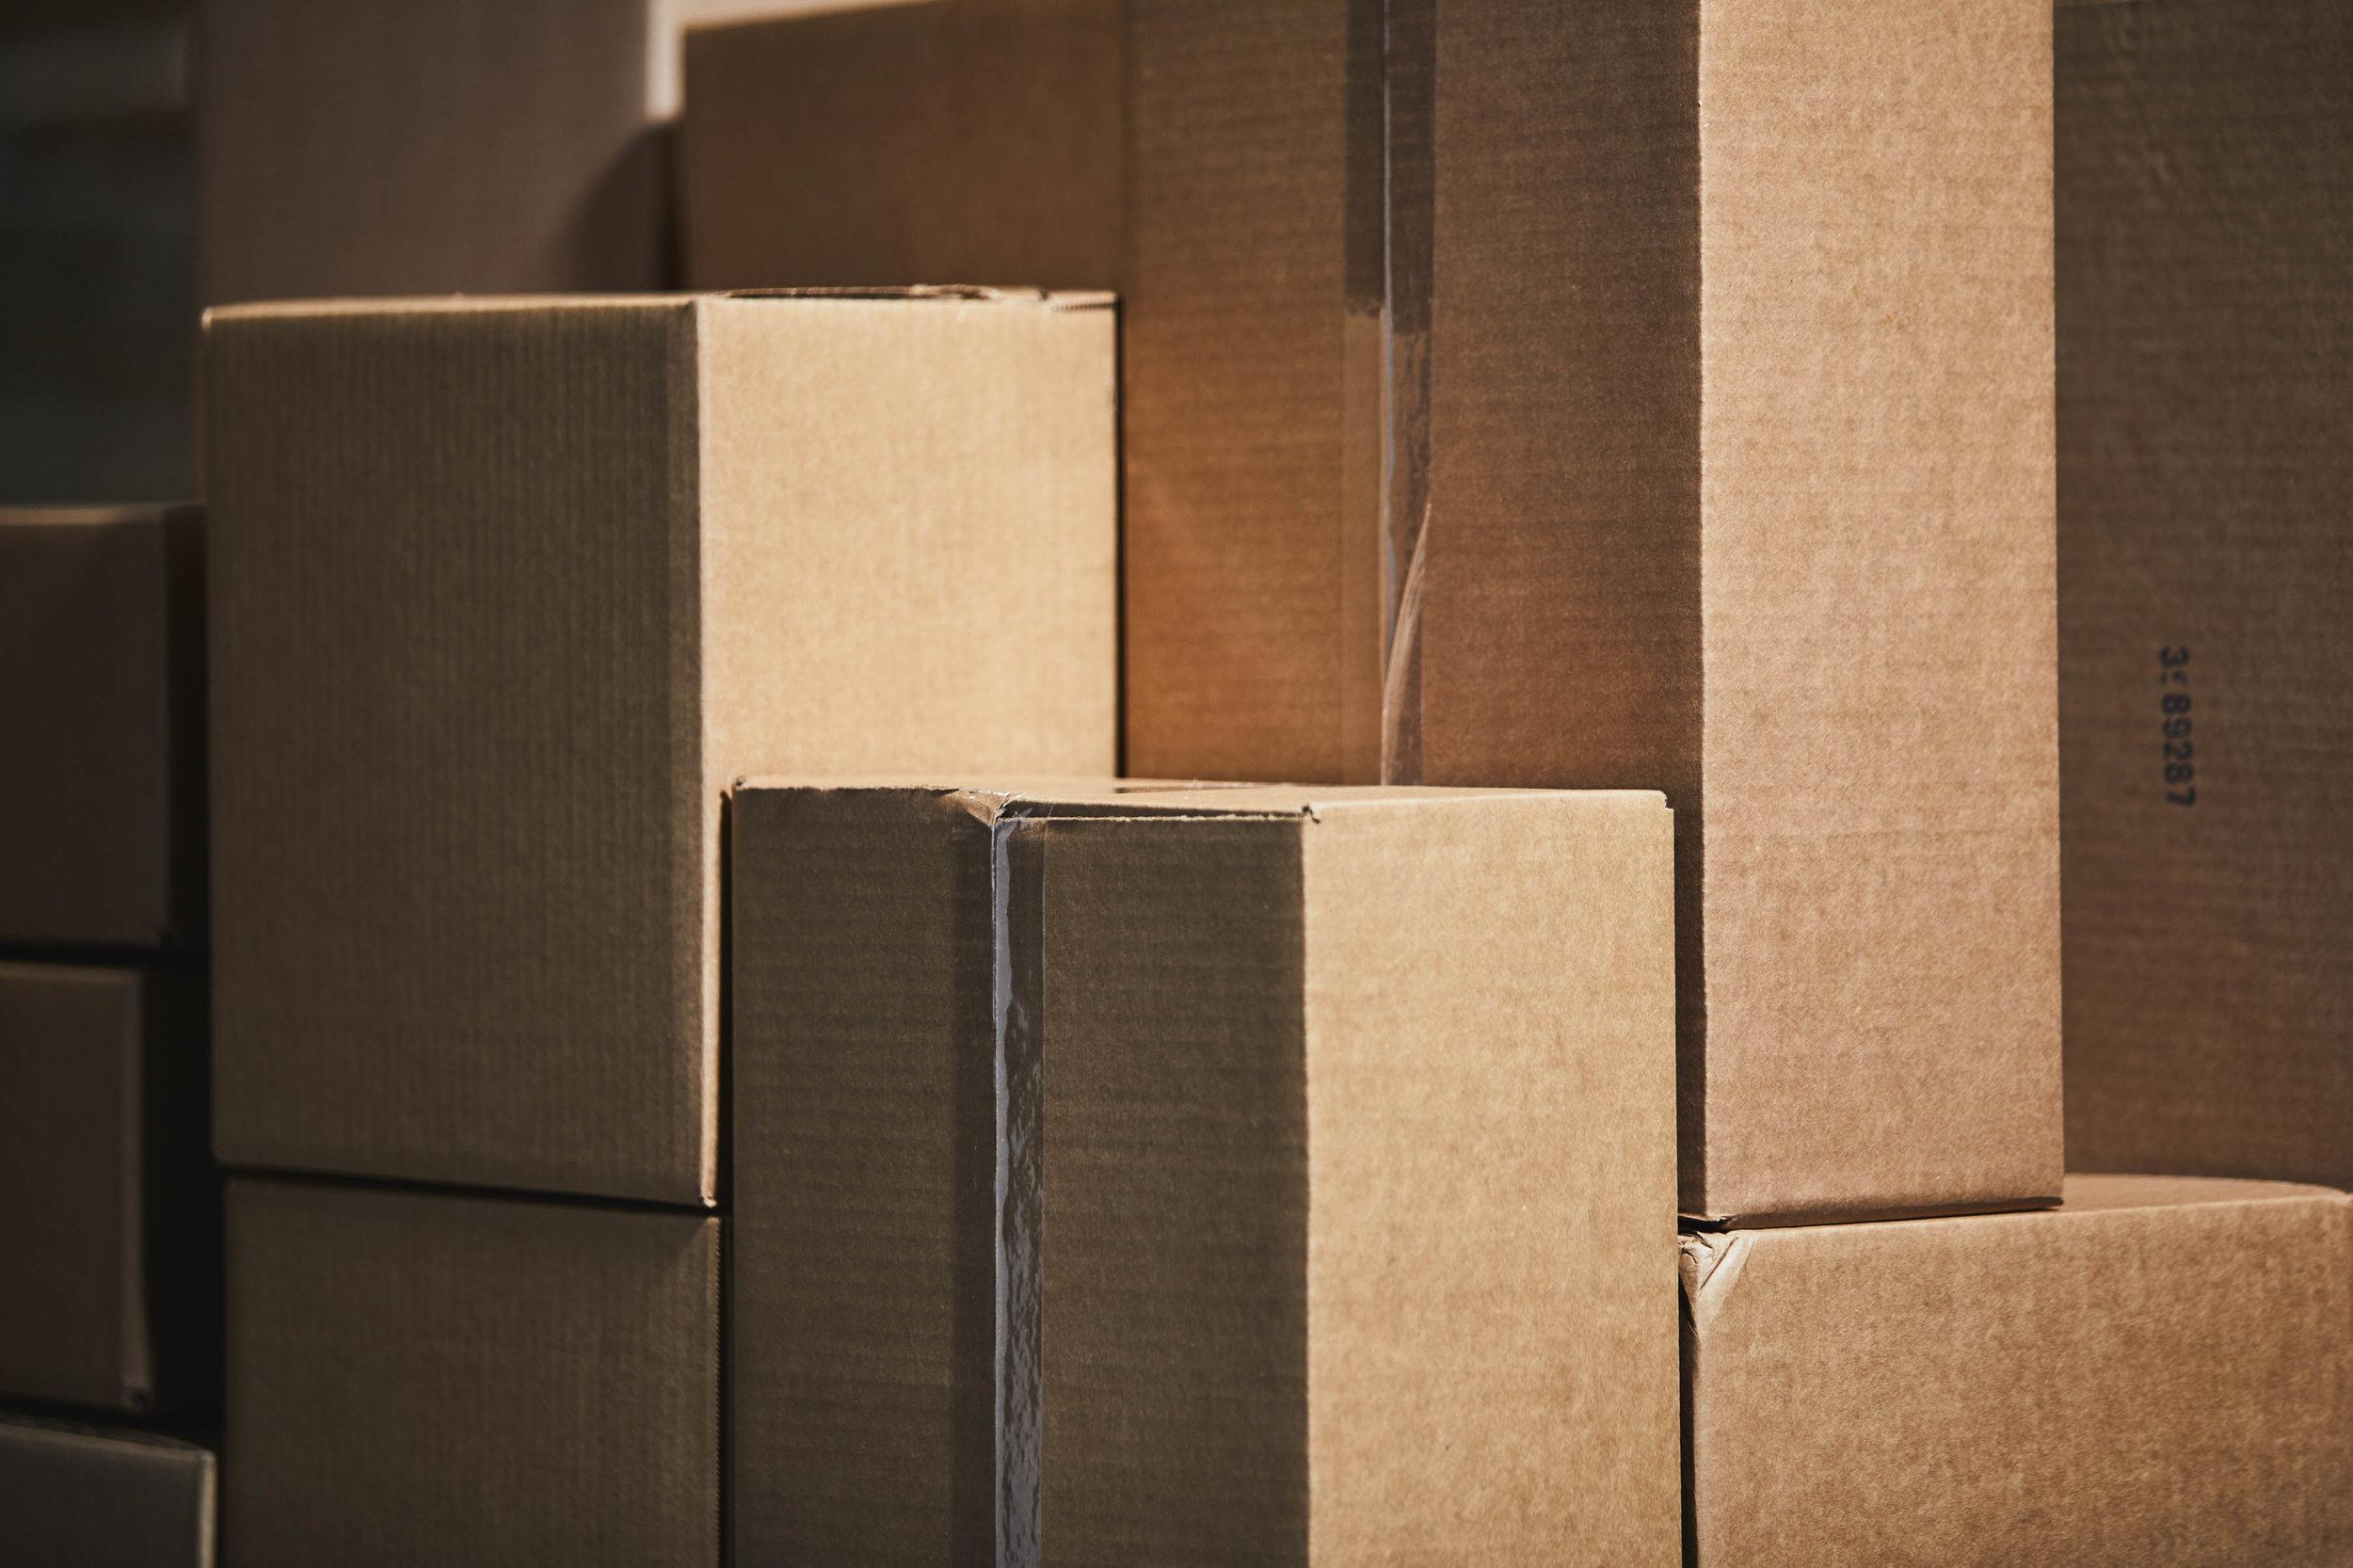 UF_Still_Life_Boxes-0052.jpg